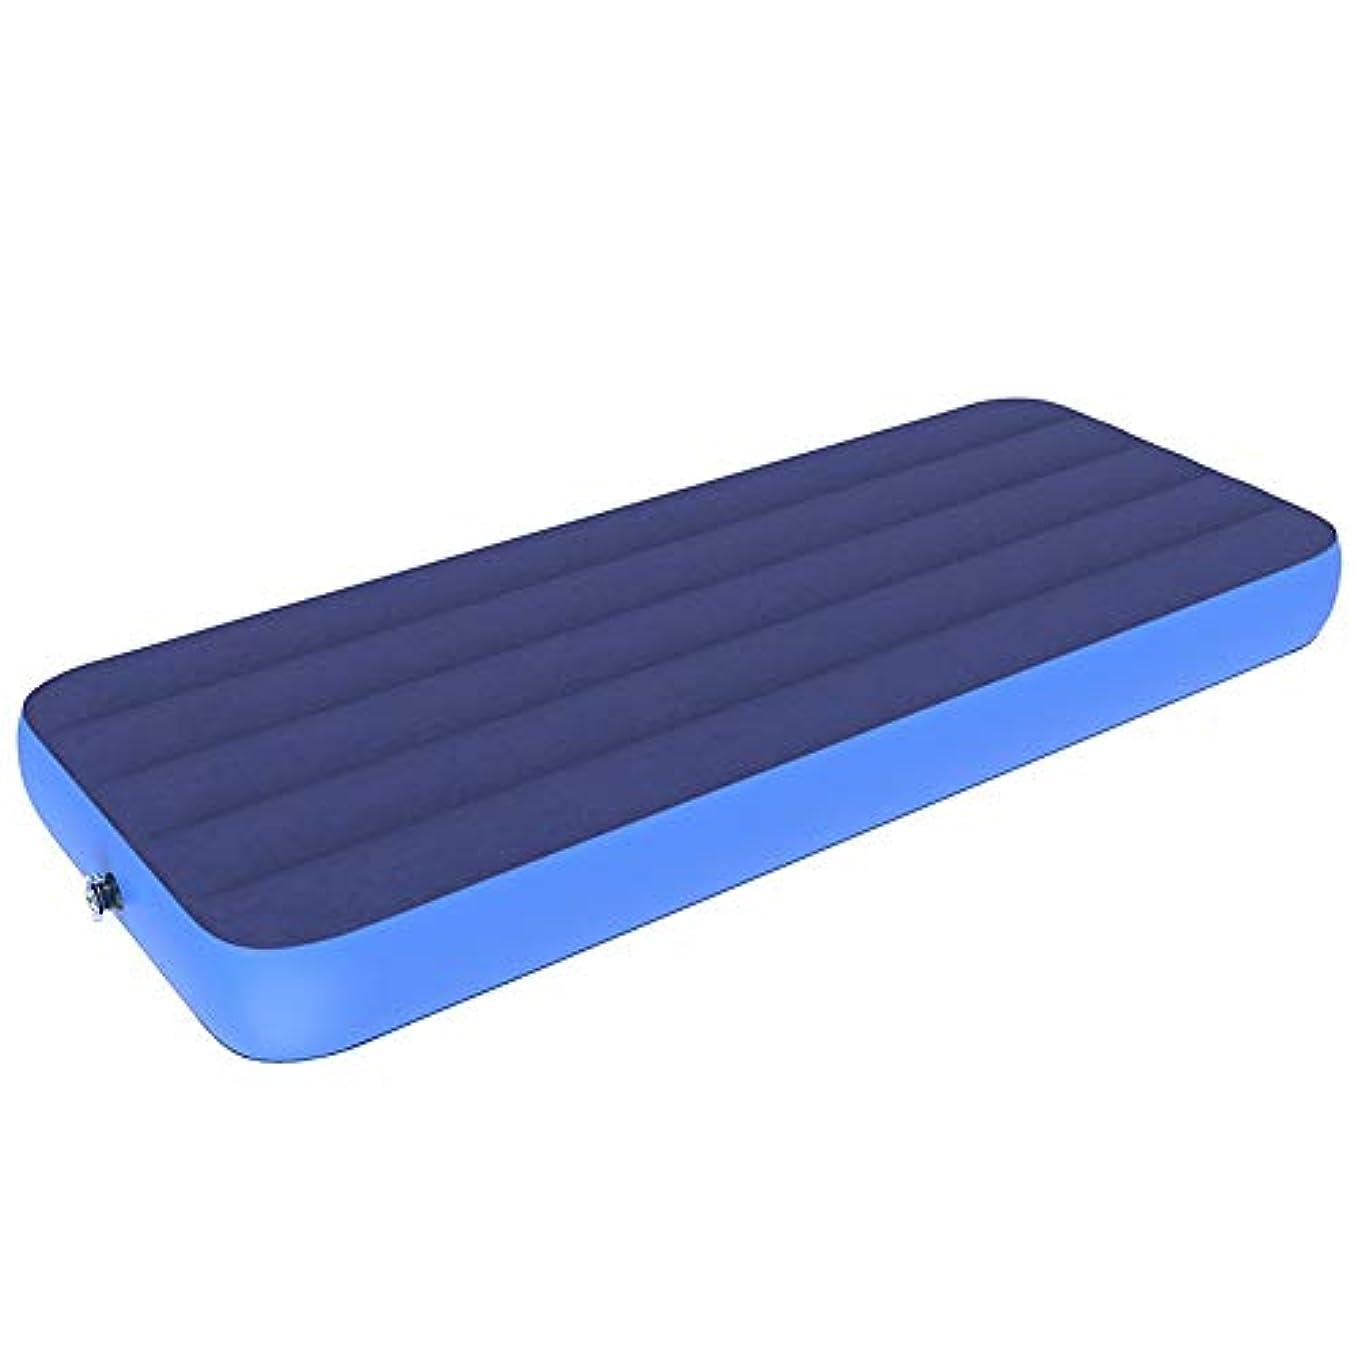 ゲスト定期的知覚Okiiting 携帯用エアマットレス、エアマットレス、屋外用マットレス、快適な手、柔らかく、丈夫、軽量、品質保証 うまく設計された (色 : Bed+hand pump, サイズ : 191*76*22cm)